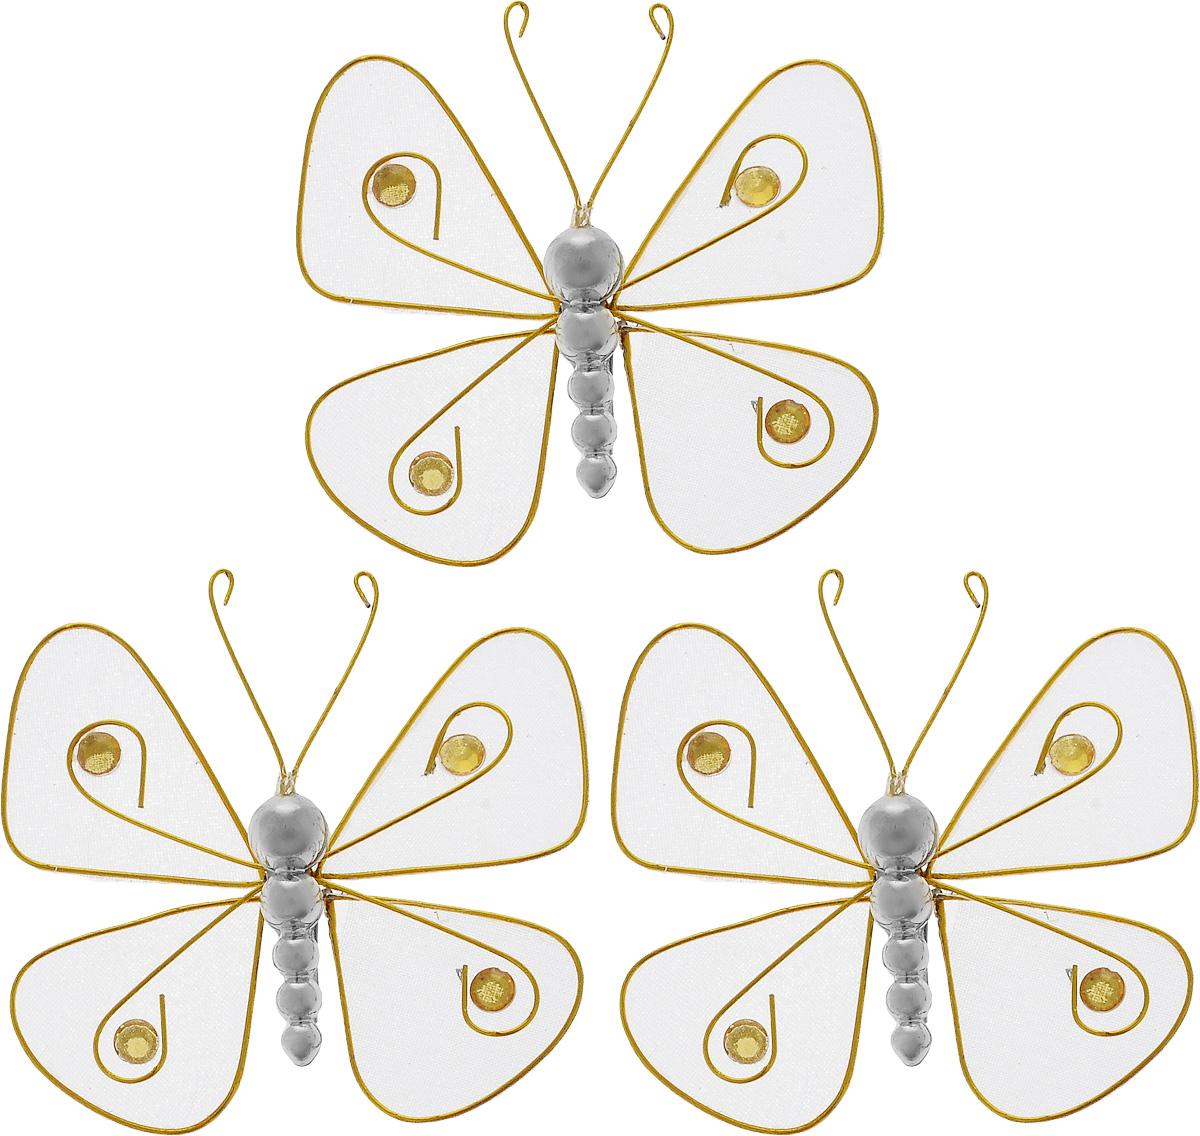 Набор новогодних подвесных украшений House & Holder Бабочки, 3 штG6347/6BНабор подвесных украшений House & Holder Бабочки прекрасно подойдет для праздничного декора новогодней ели. Набор состоит из 3 пластиковых украшений в виде бабочек. Для удобного размещения на елке для каждого украшения предусмотрено крепление. Елочная игрушка - символ Нового года. Она несет в себе волшебство и красоту праздника. Создайте в своем доме атмосферу веселья и радости, украшая новогоднюю елку нарядными игрушками, которые будут из года в год накапливать теплоту воспоминаний. Откройте для себя удивительный мир сказок и грез. Почувствуйте волшебные минуты ожидания праздника, создайте новогоднее настроение вашим дорогим и близким. Размер: 7,5 х 7,5 х 1,5 см.